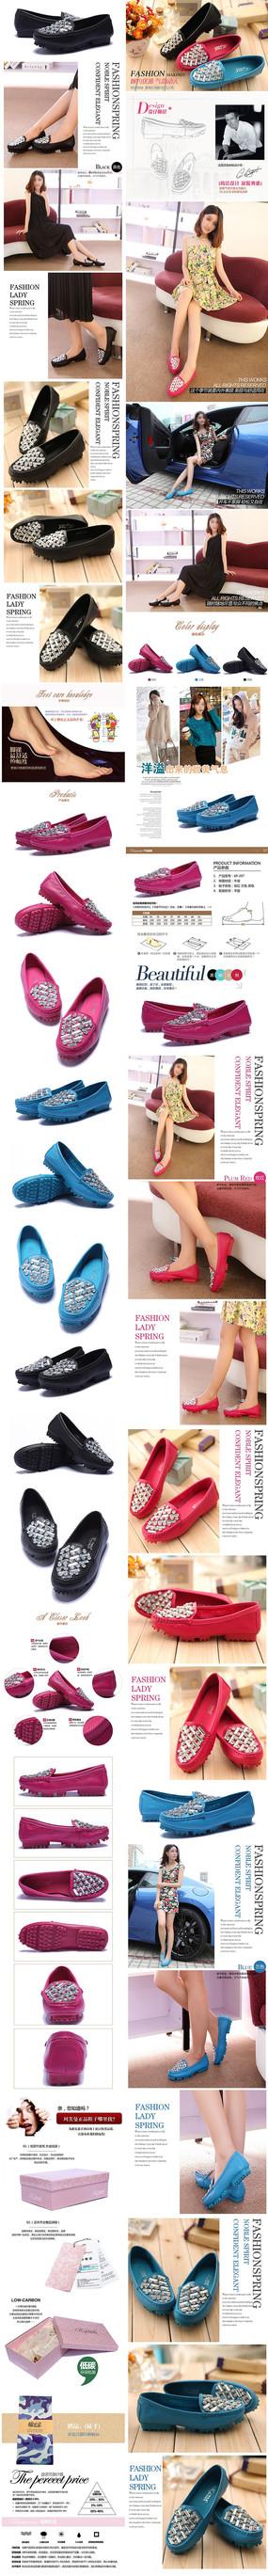 淘宝时尚女鞋详情页细节描述PSD模板